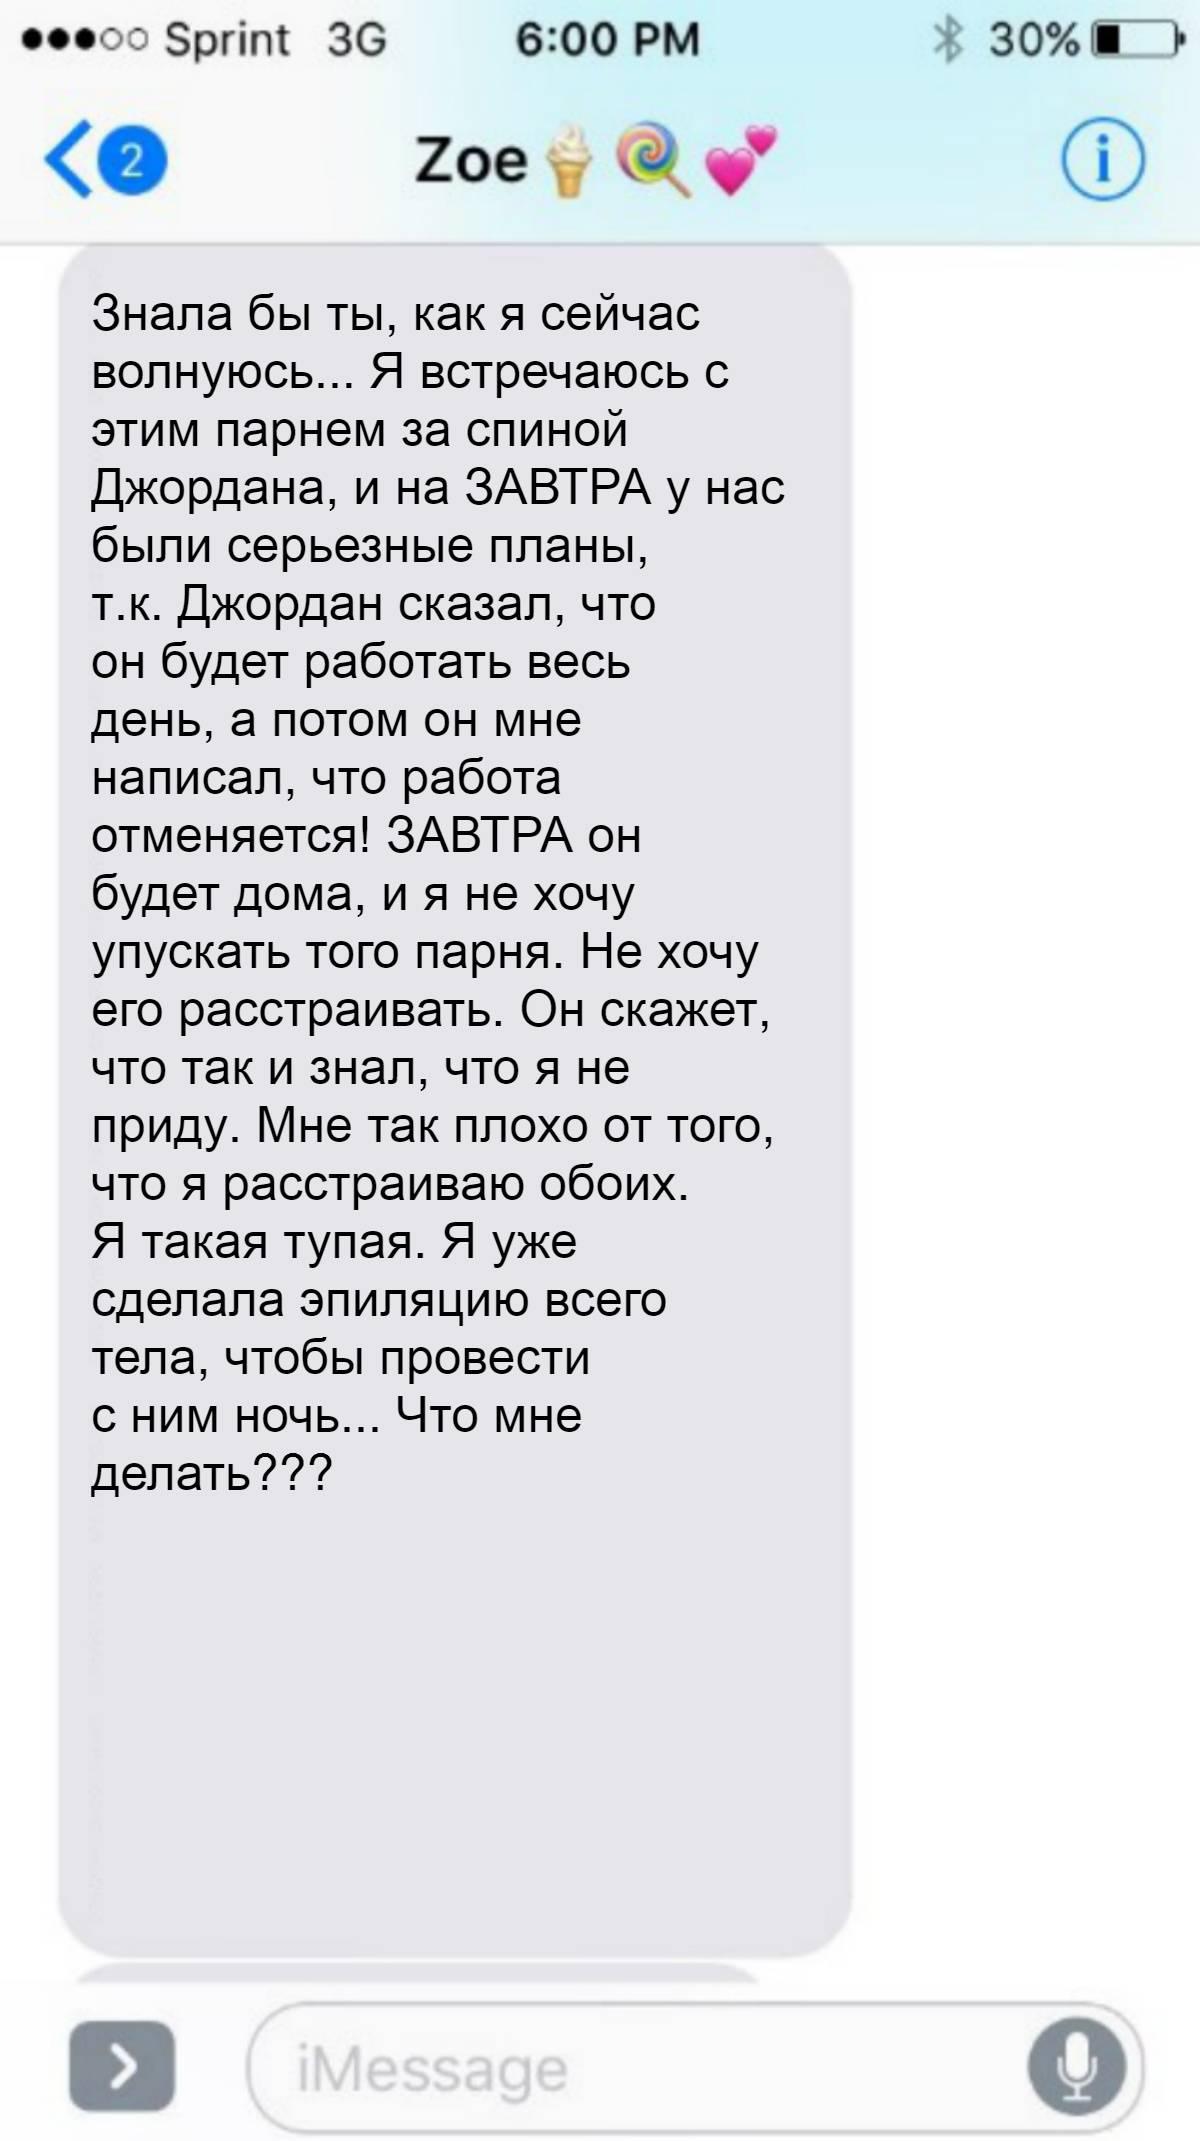 Она написала сообщение подруге с планом измены... и случайно отправила его своему ПАРНЮ!